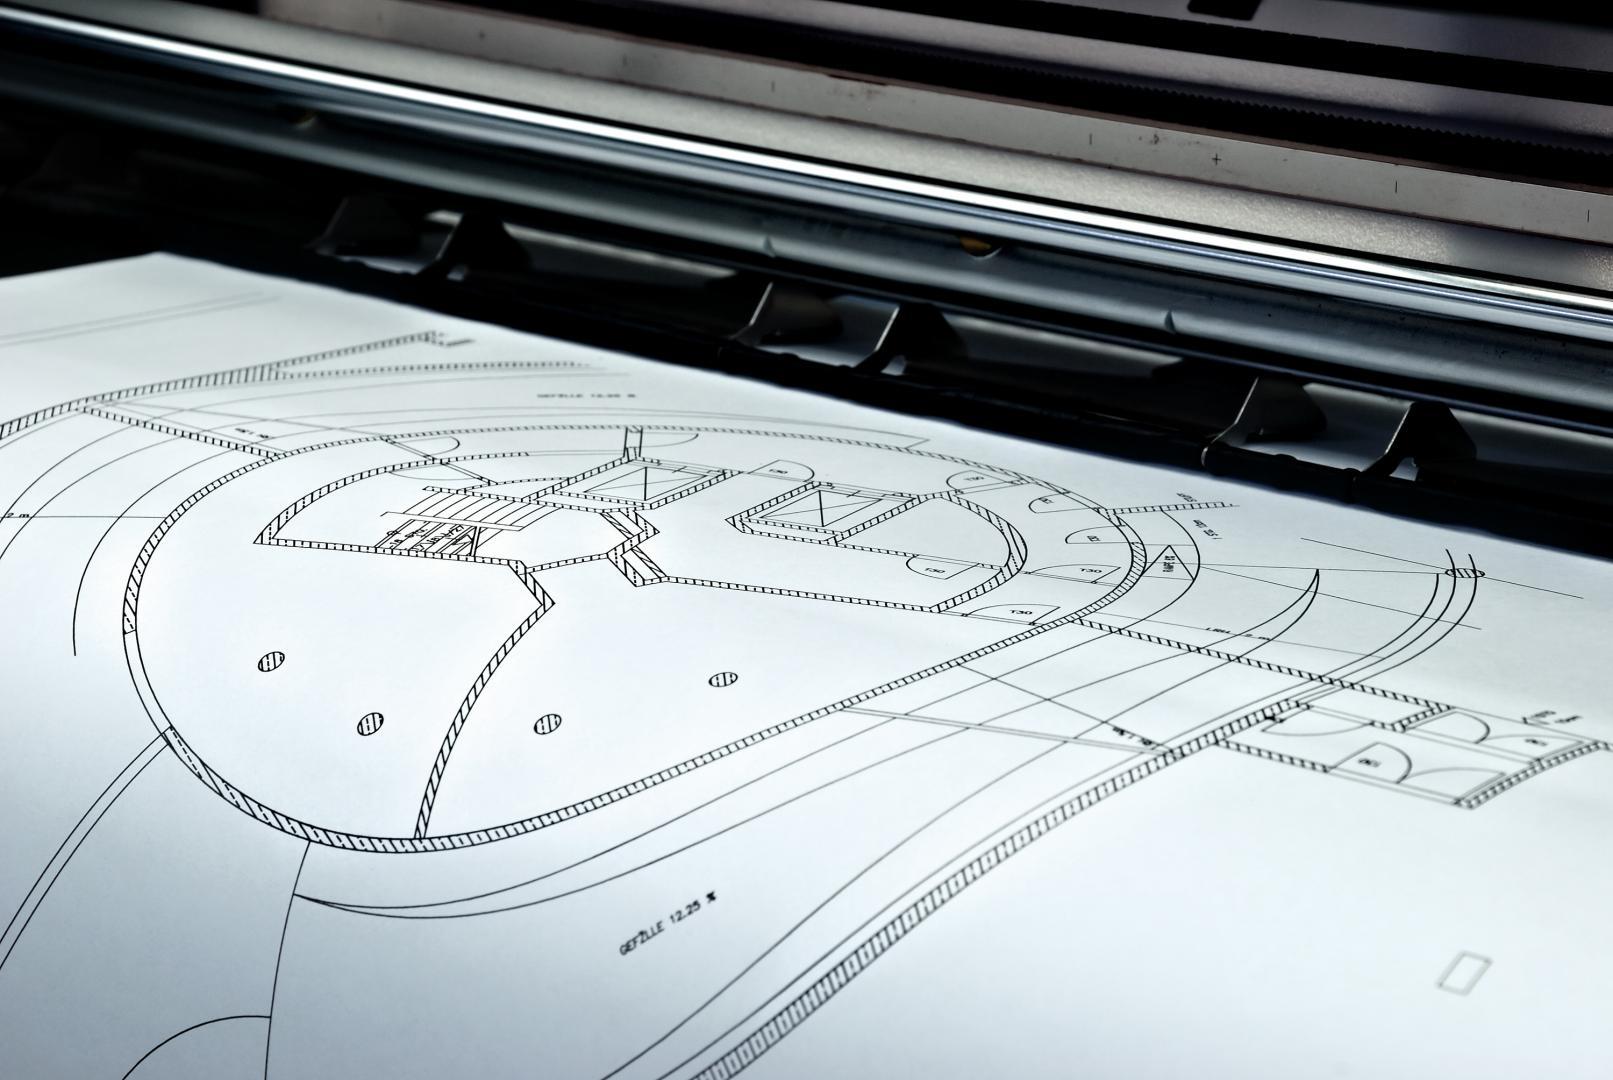 réalisation et impression d'images et de posters. Impression de plan de construction.